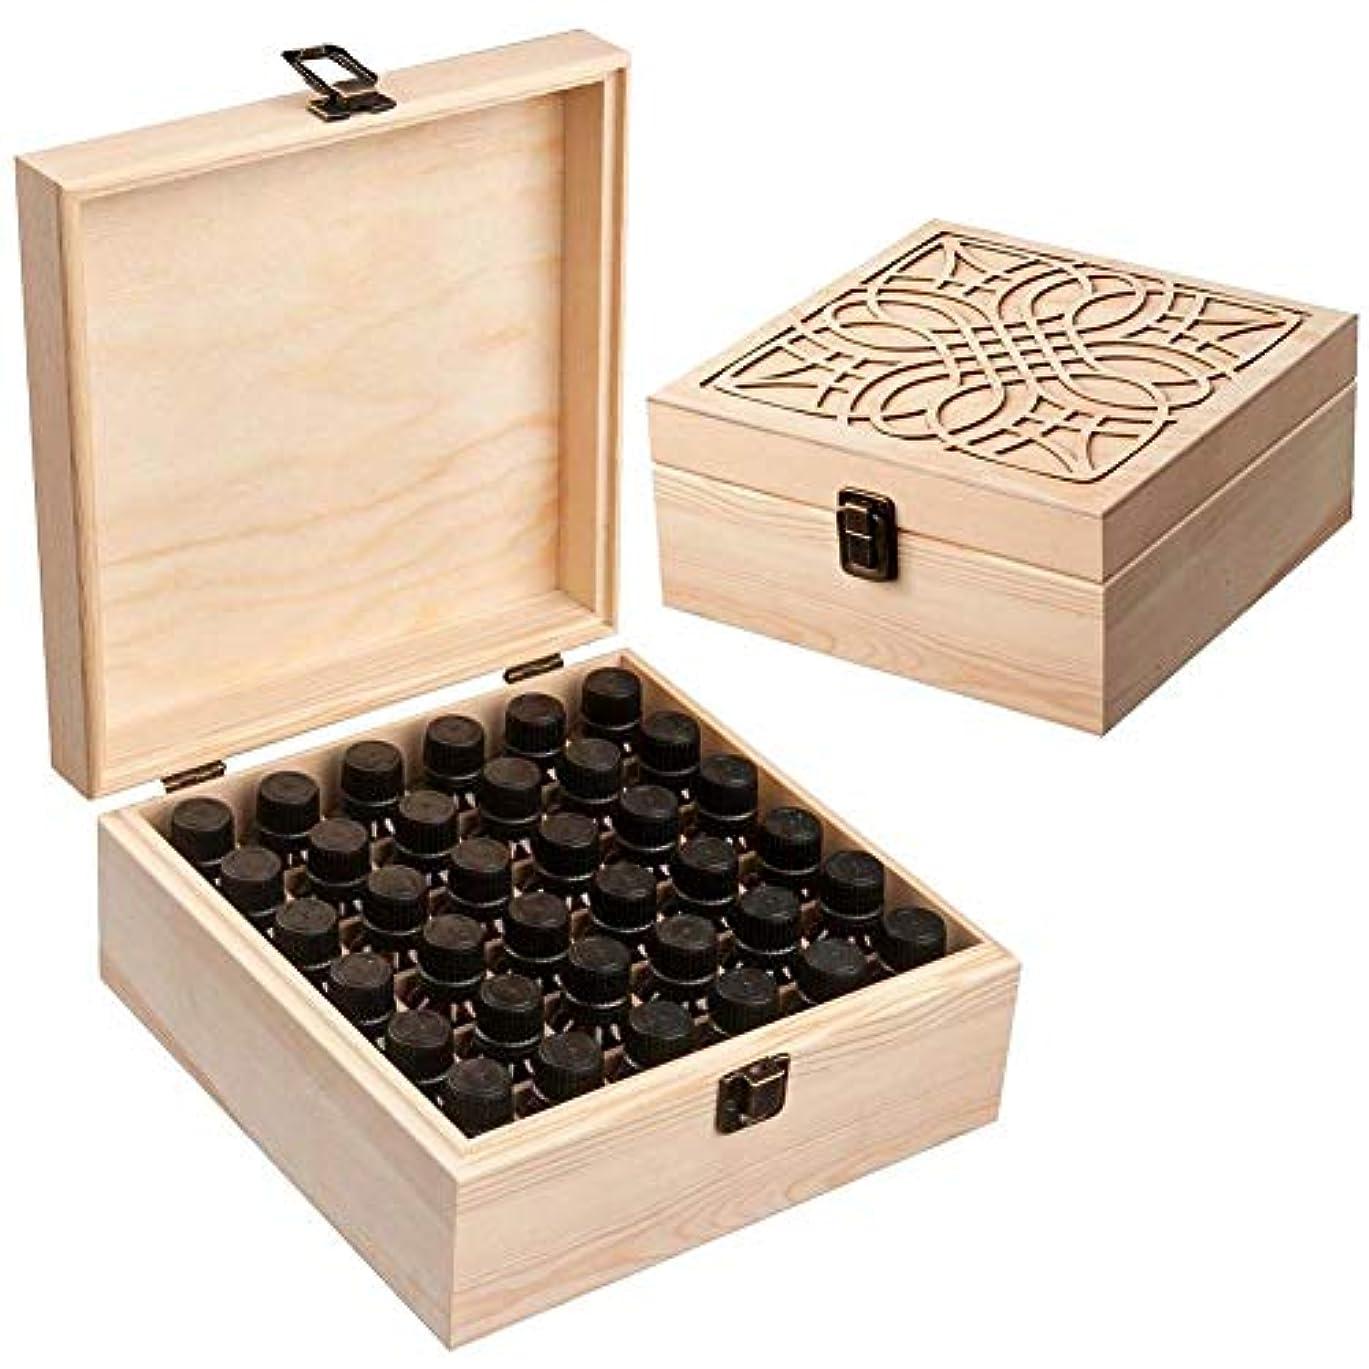 ところで証人奨励しますNewfashion エッセンシャルオイル収納ボックス 精油収納 アロマケース 木製 大容量 携帯便利 オイルボックス 飾り物 36本用